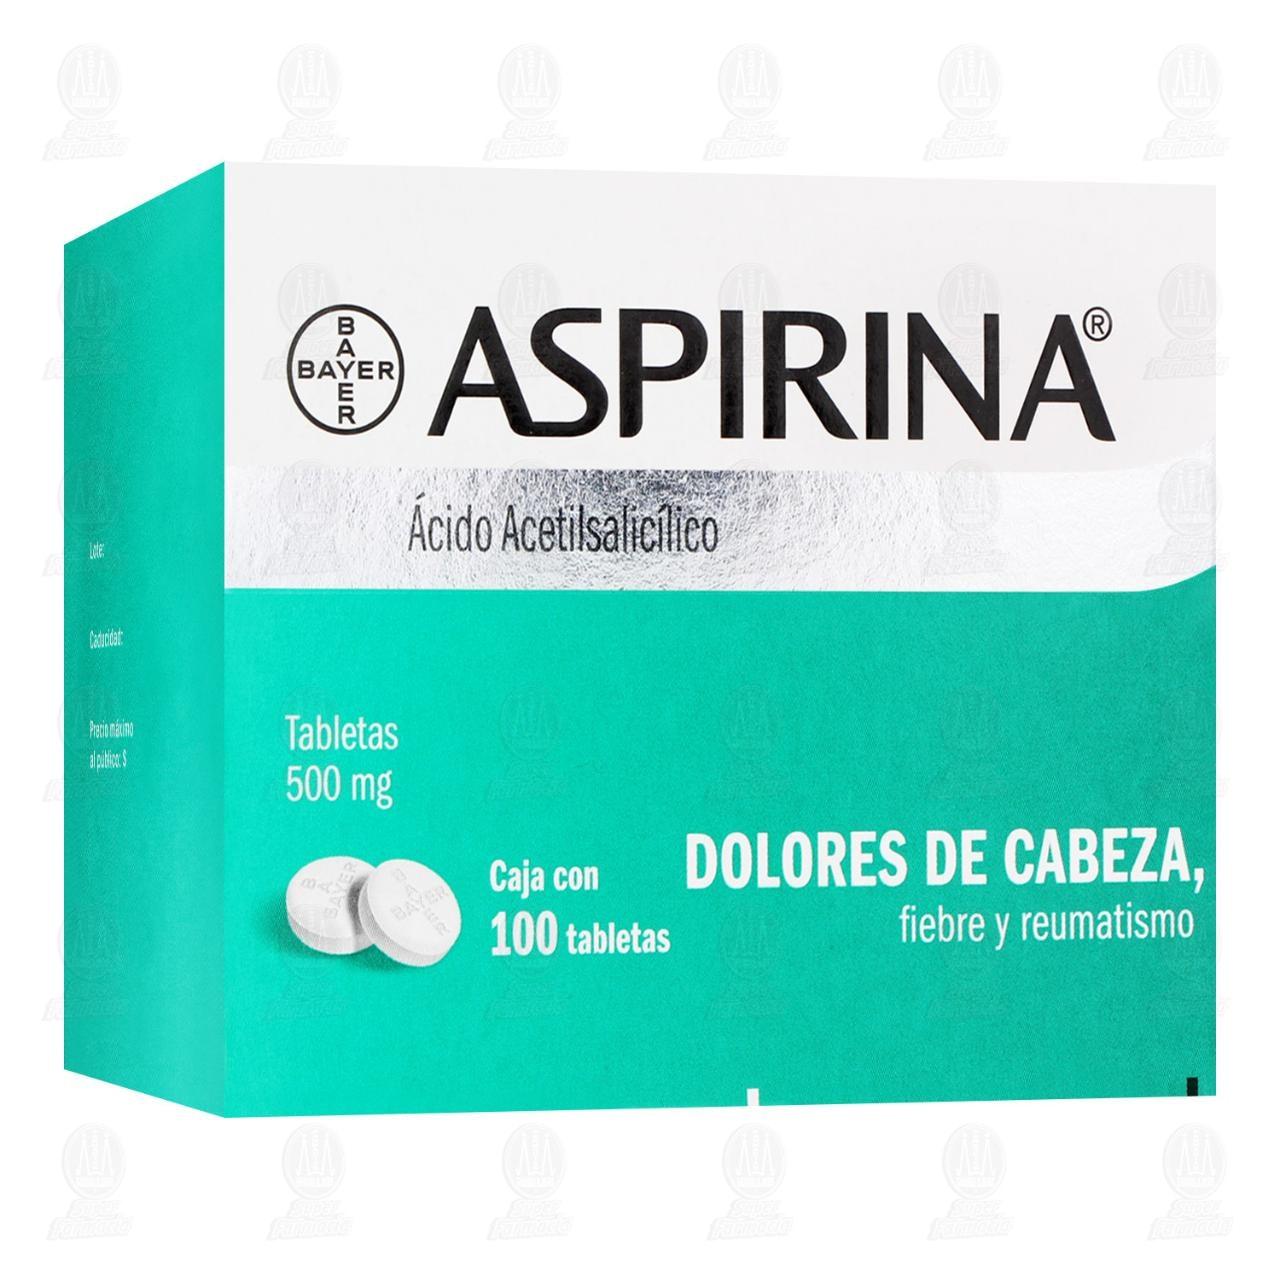 Comprar Aspirina 500mg 100 Tabletas en Farmacias Guadalajara